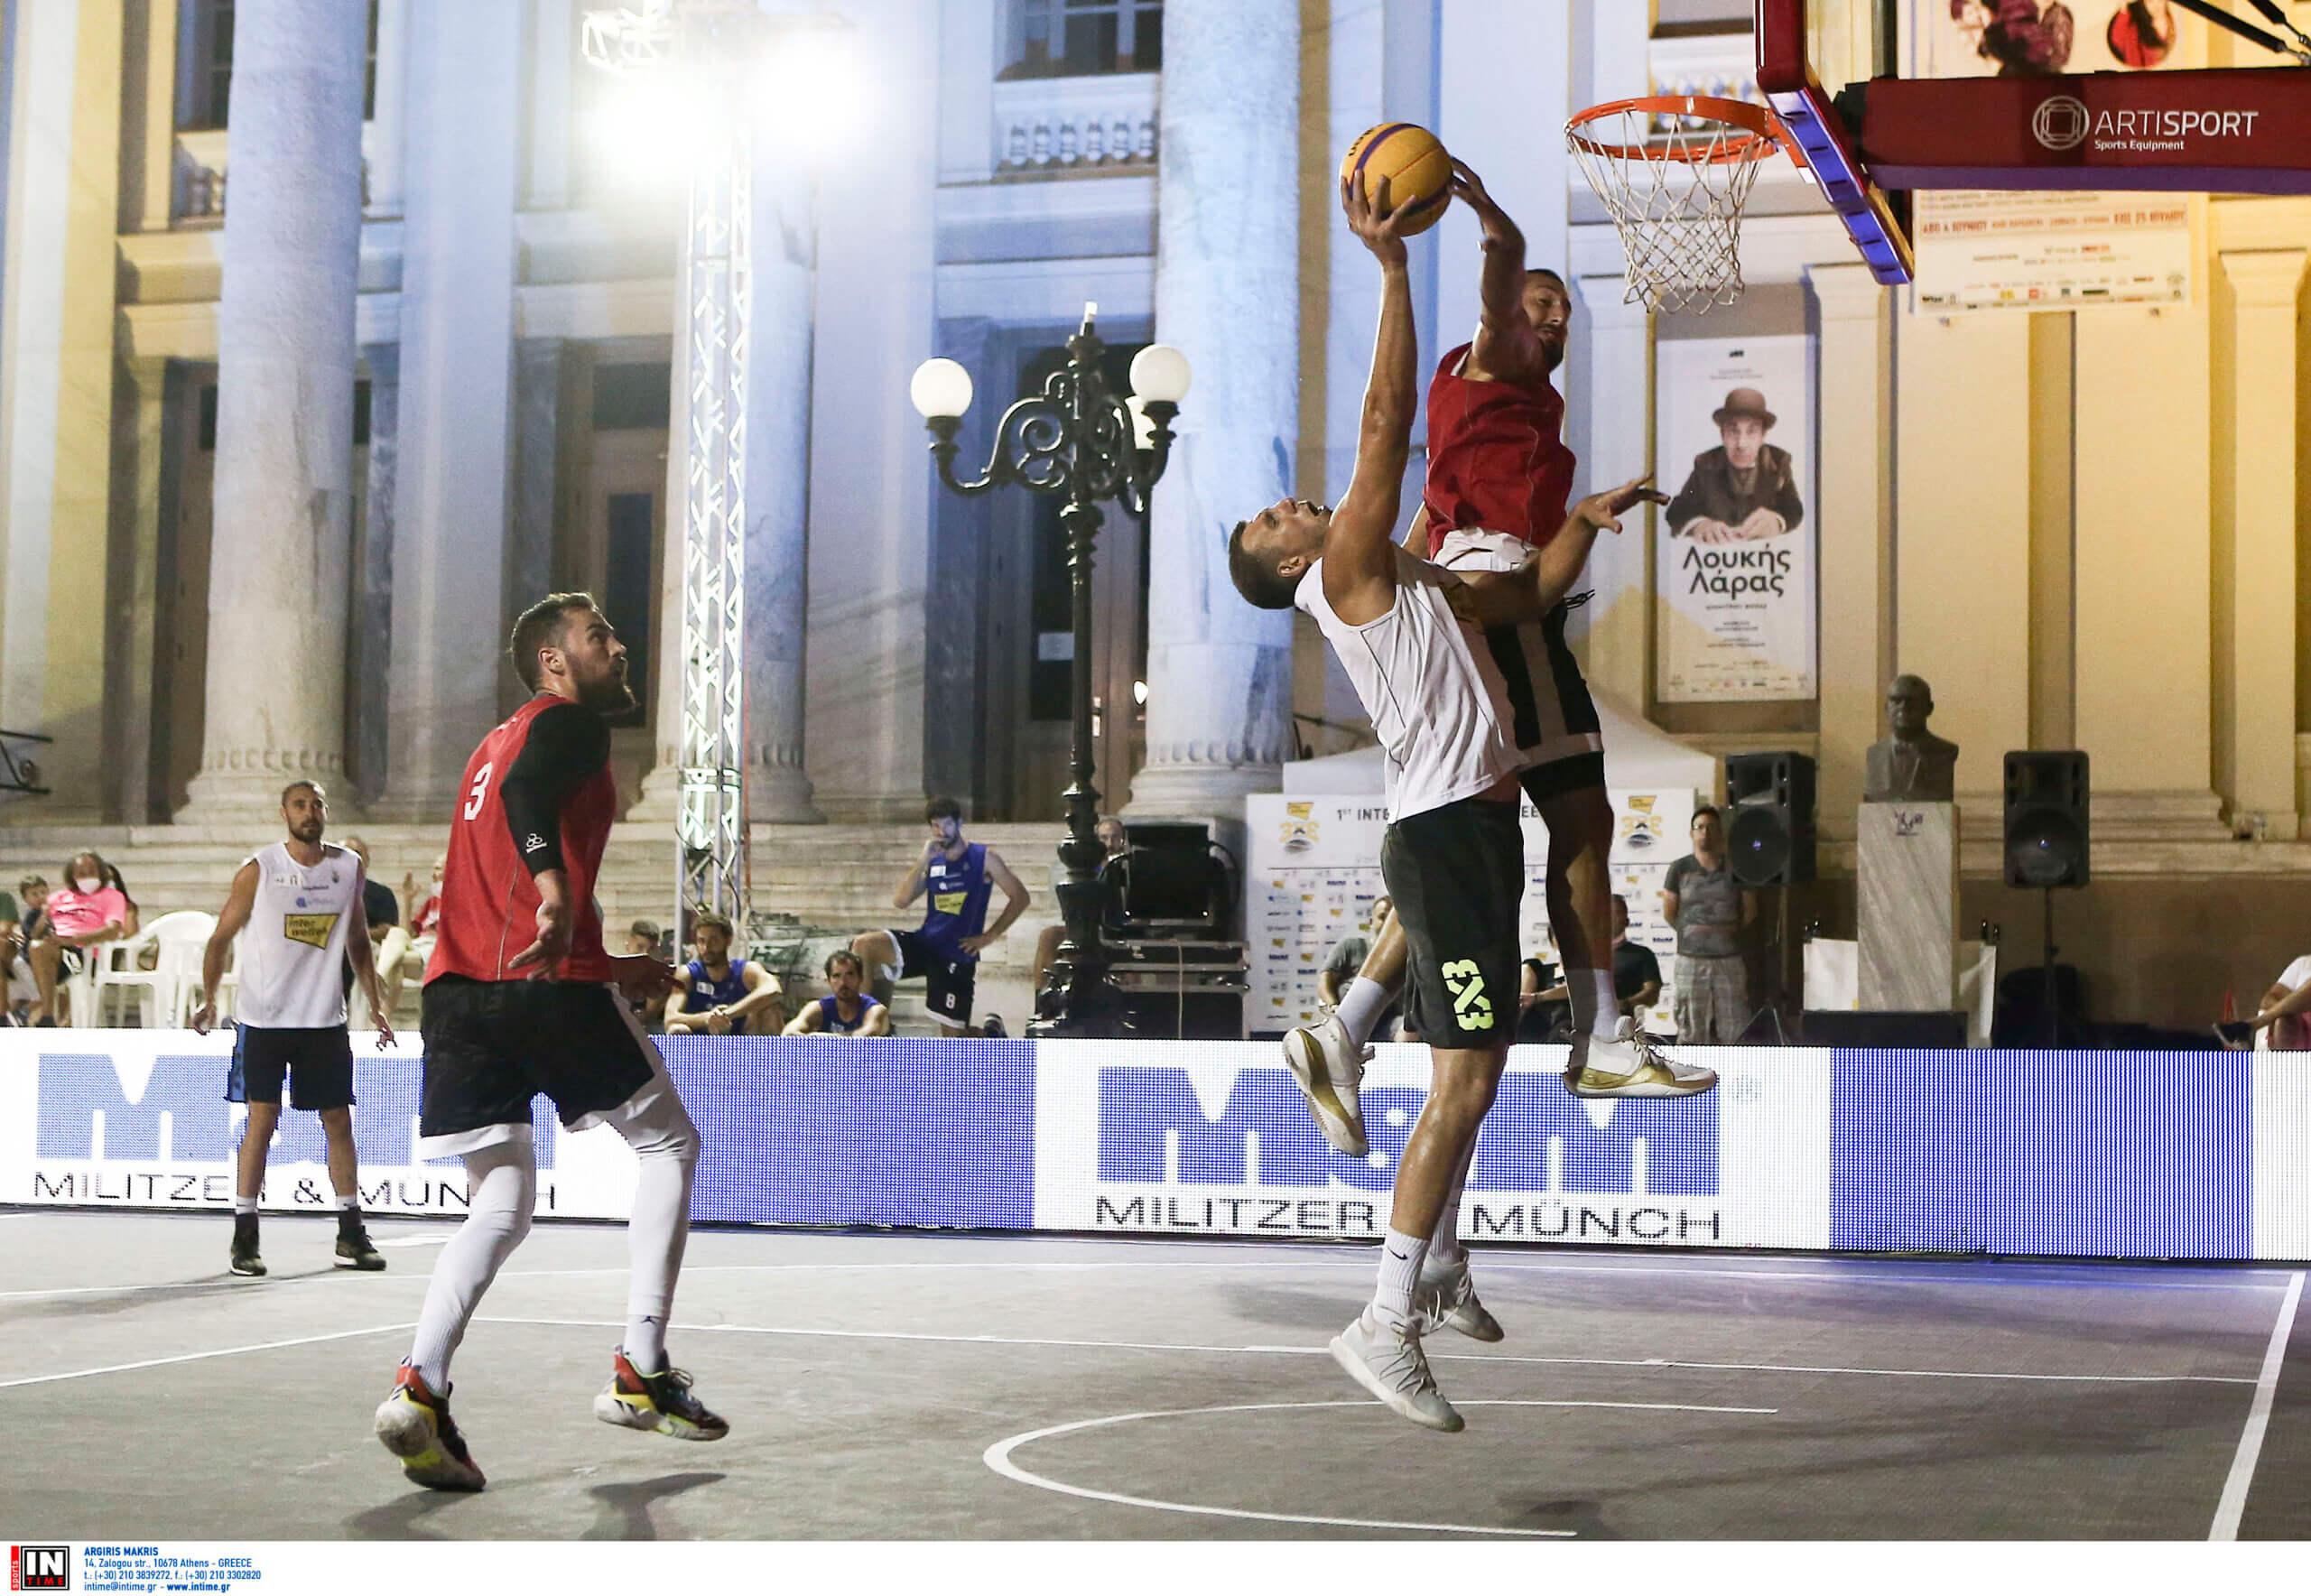 Μπασκετικό υπερθέαμα στον Πειραιά στο Τουρνουά Μπάσκετ 3Χ3 της FIBA